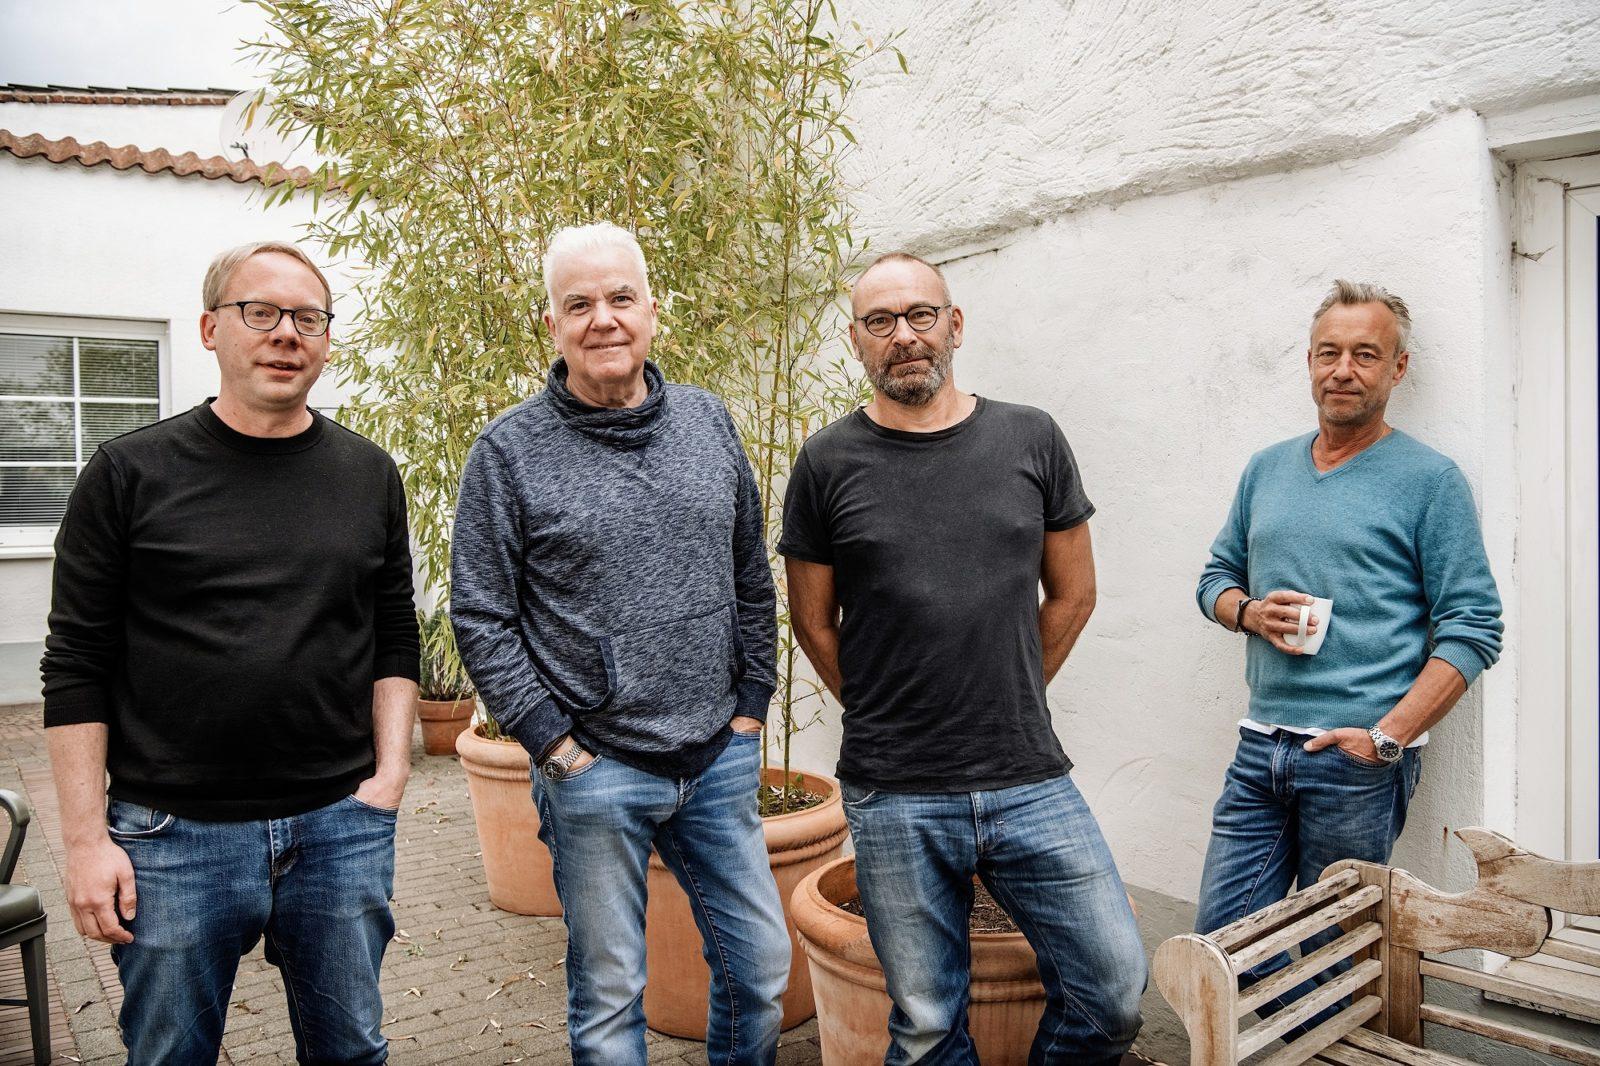 Die Gründer von VierNull (von links): Christian Herrendorf, Hans Onkelbach, Andreas Endermann und Boris Bartels. Foto: Andreas Endermann